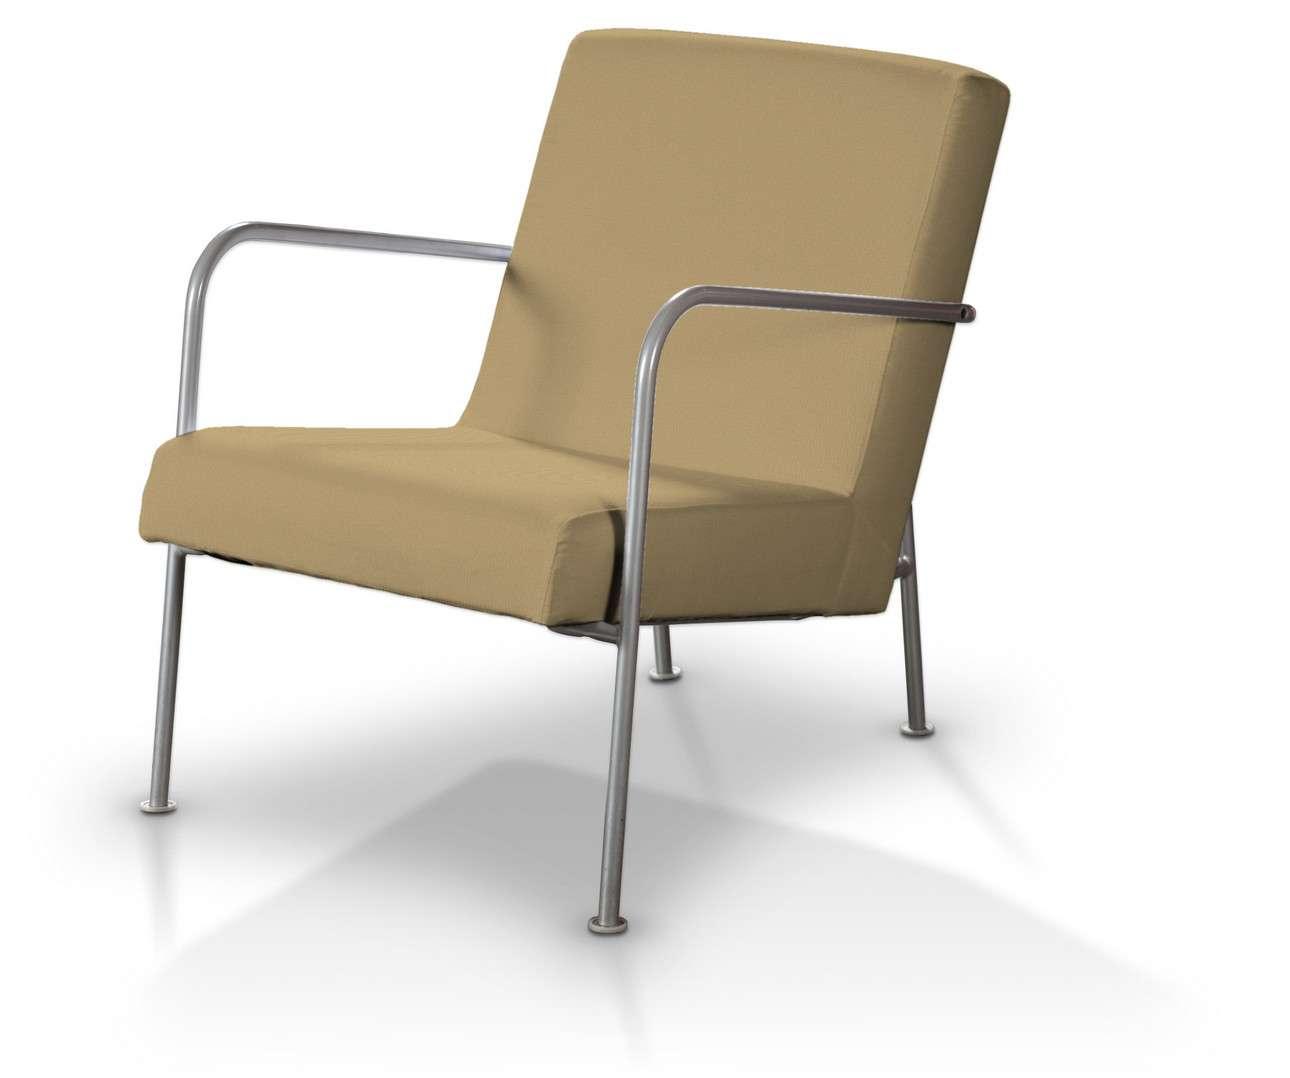 Pokrowiec na fotel Ikea PS w kolekcji Living, tkanina: 160-93